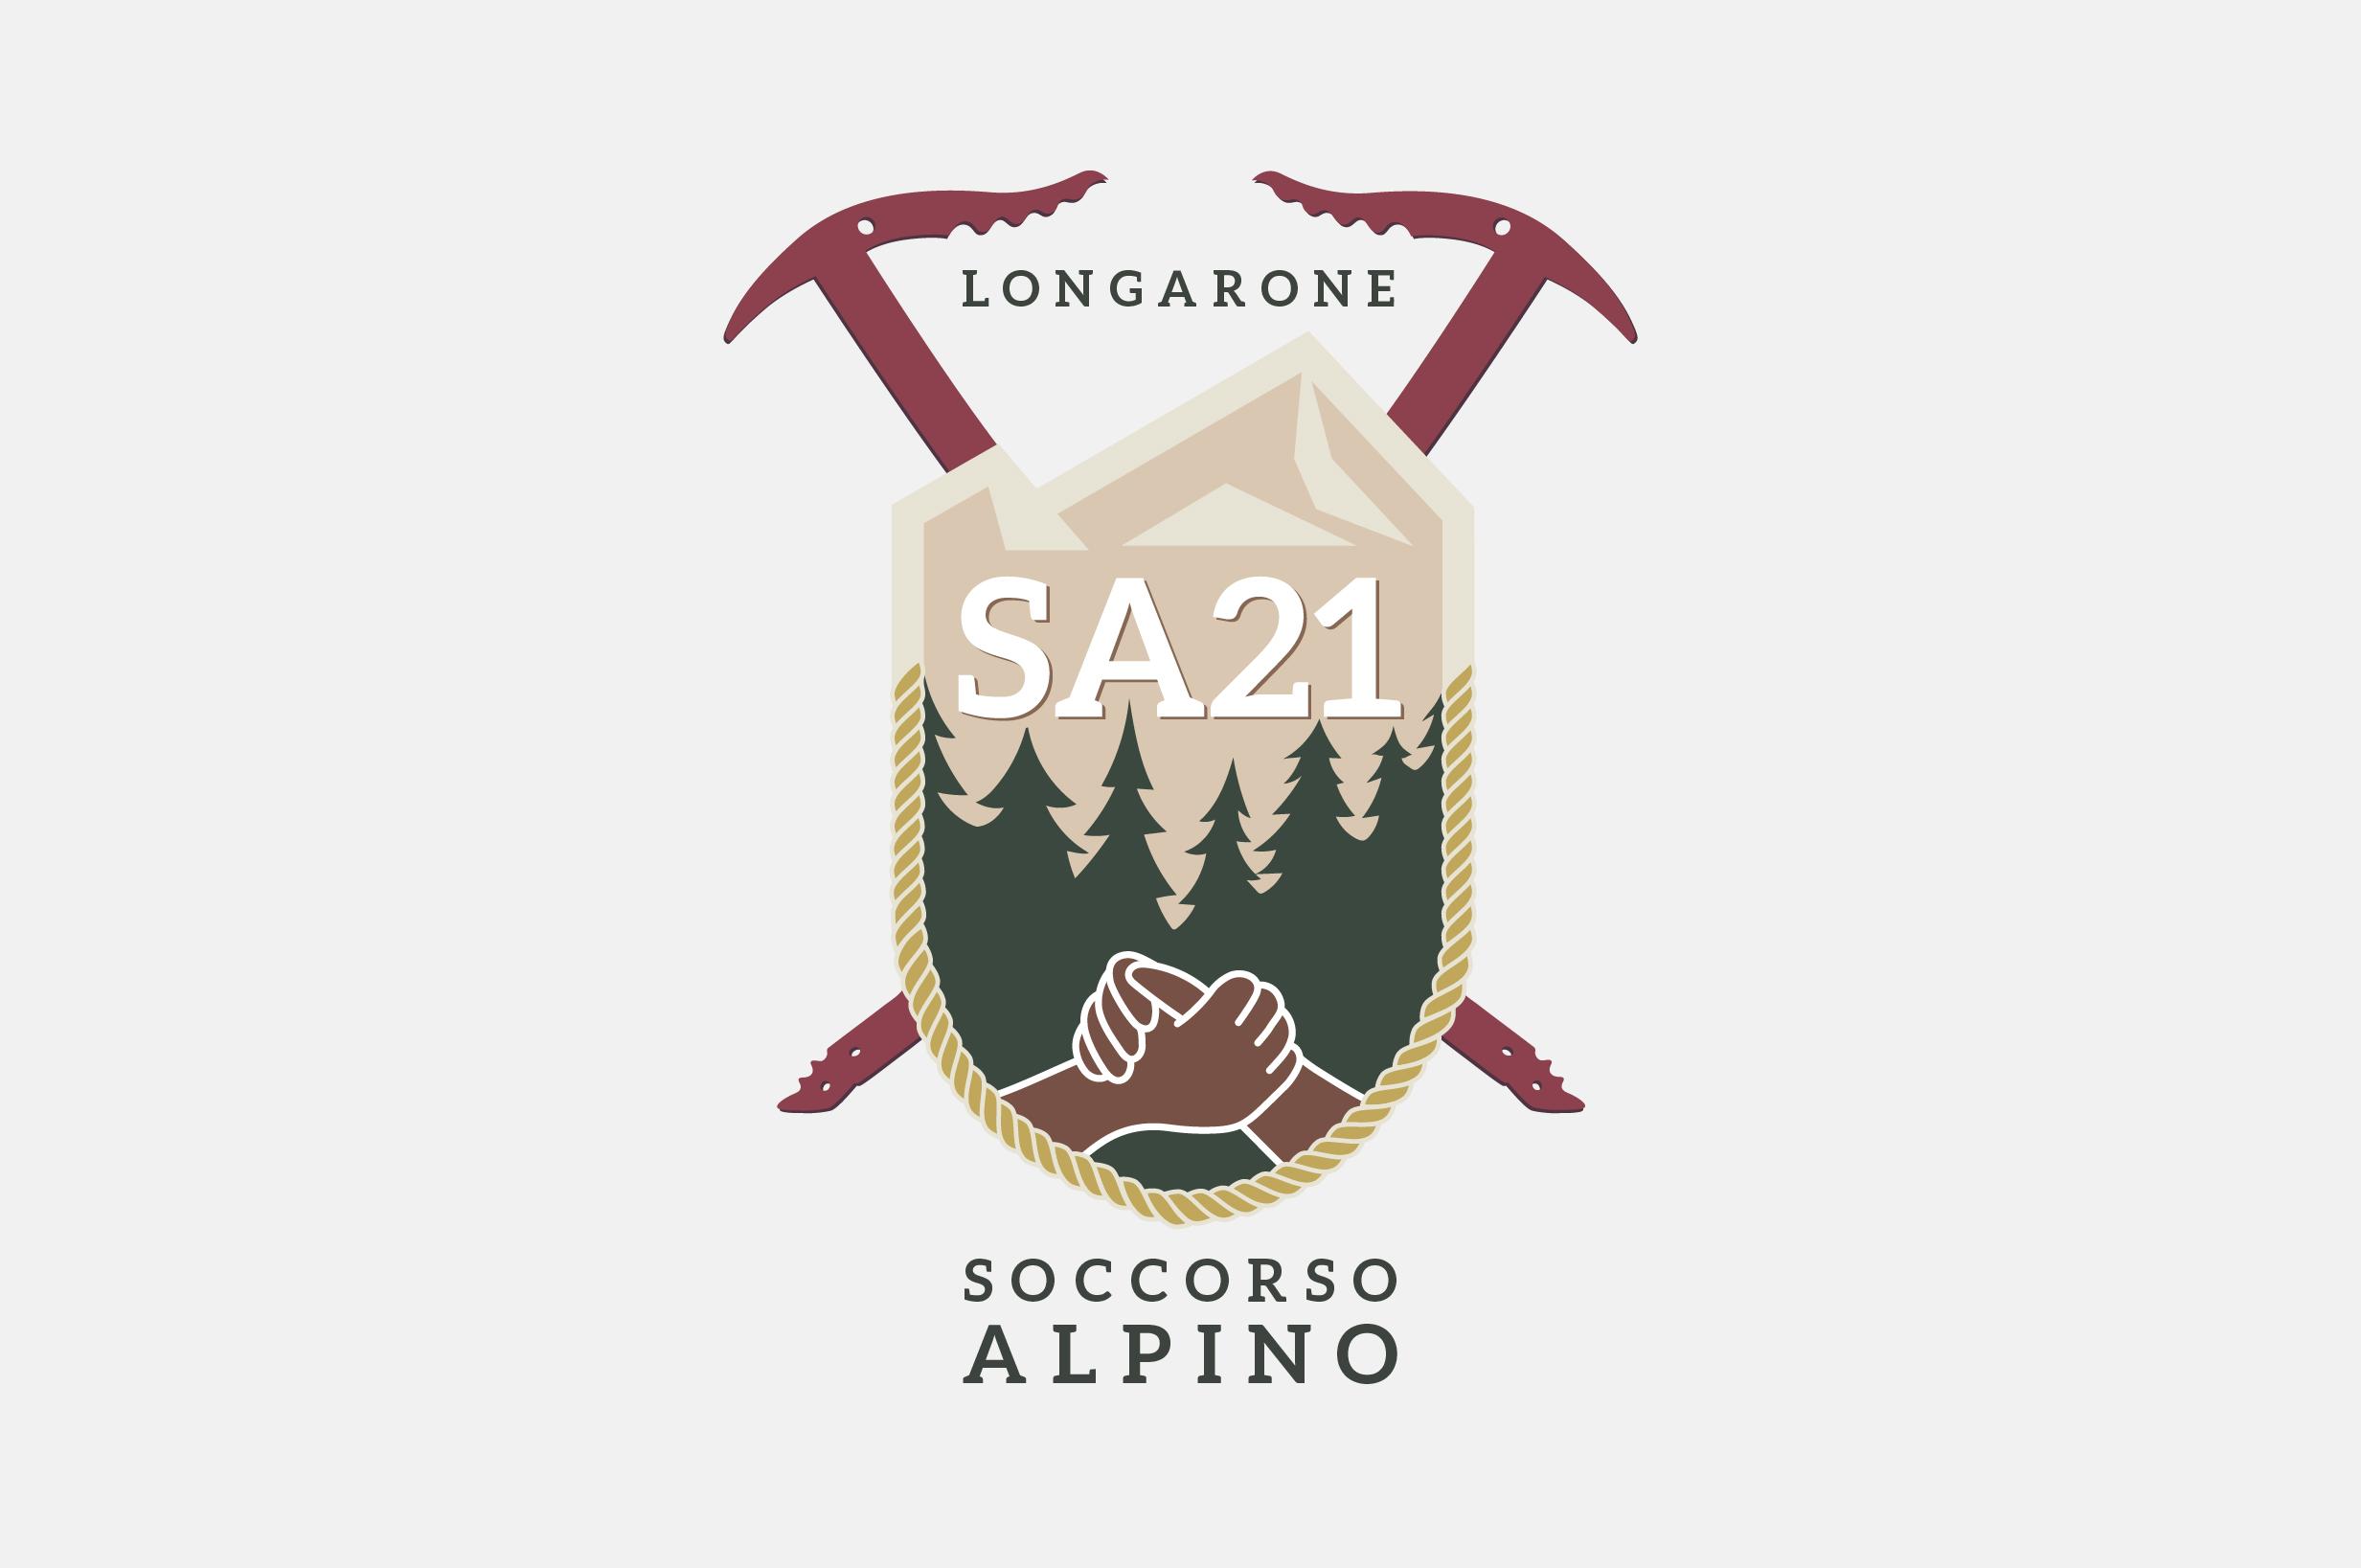 Soccorso Alpino Longarone